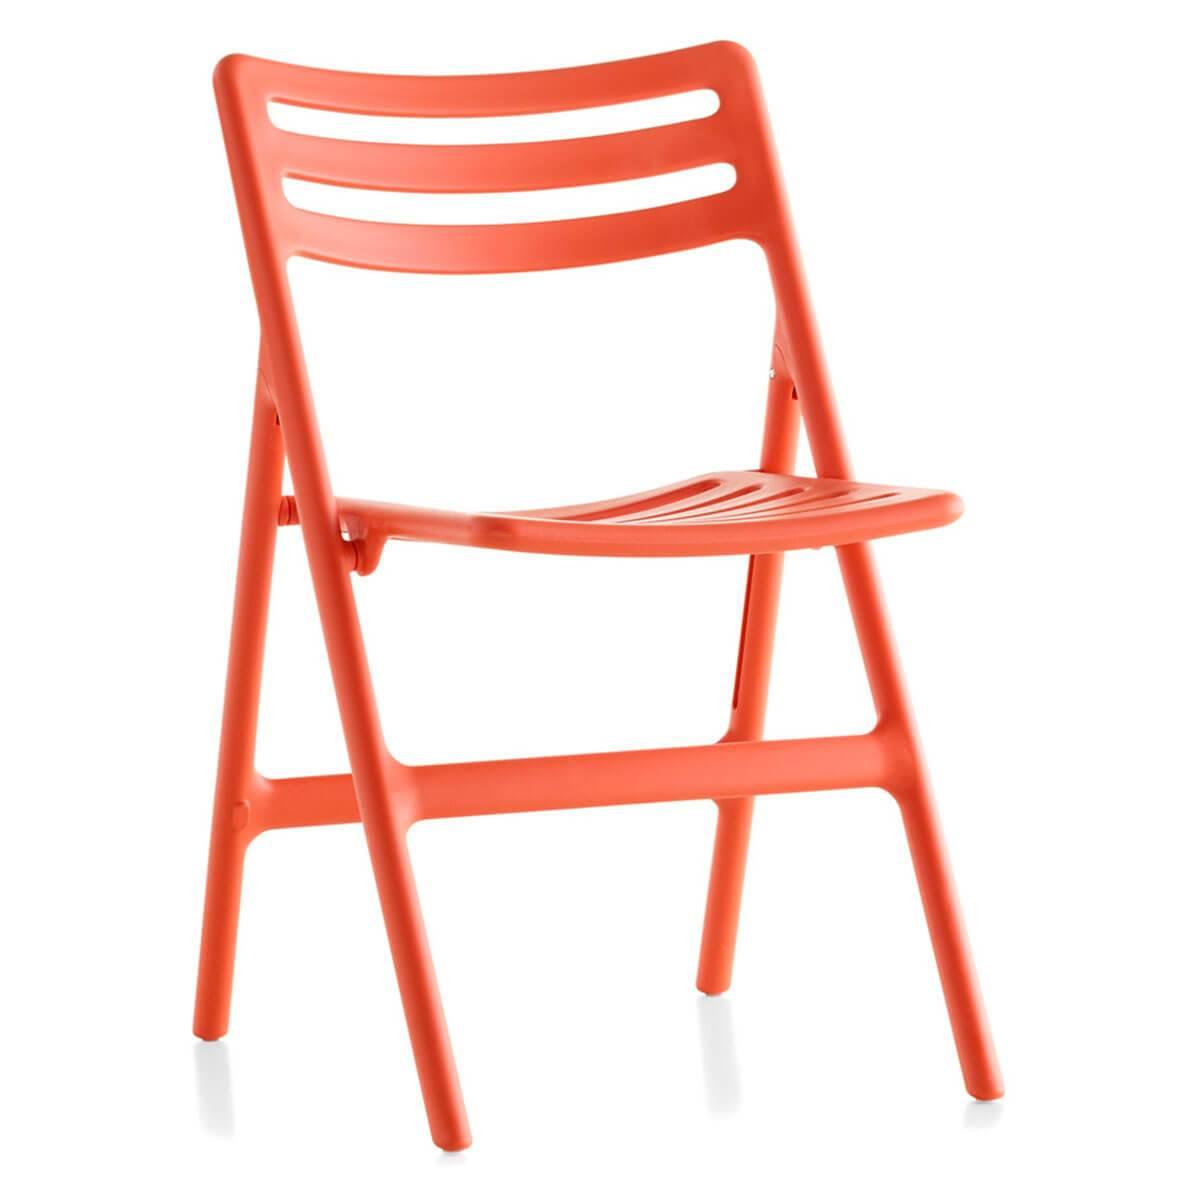 MAGIS  Folding Air Chair 户外餐椅